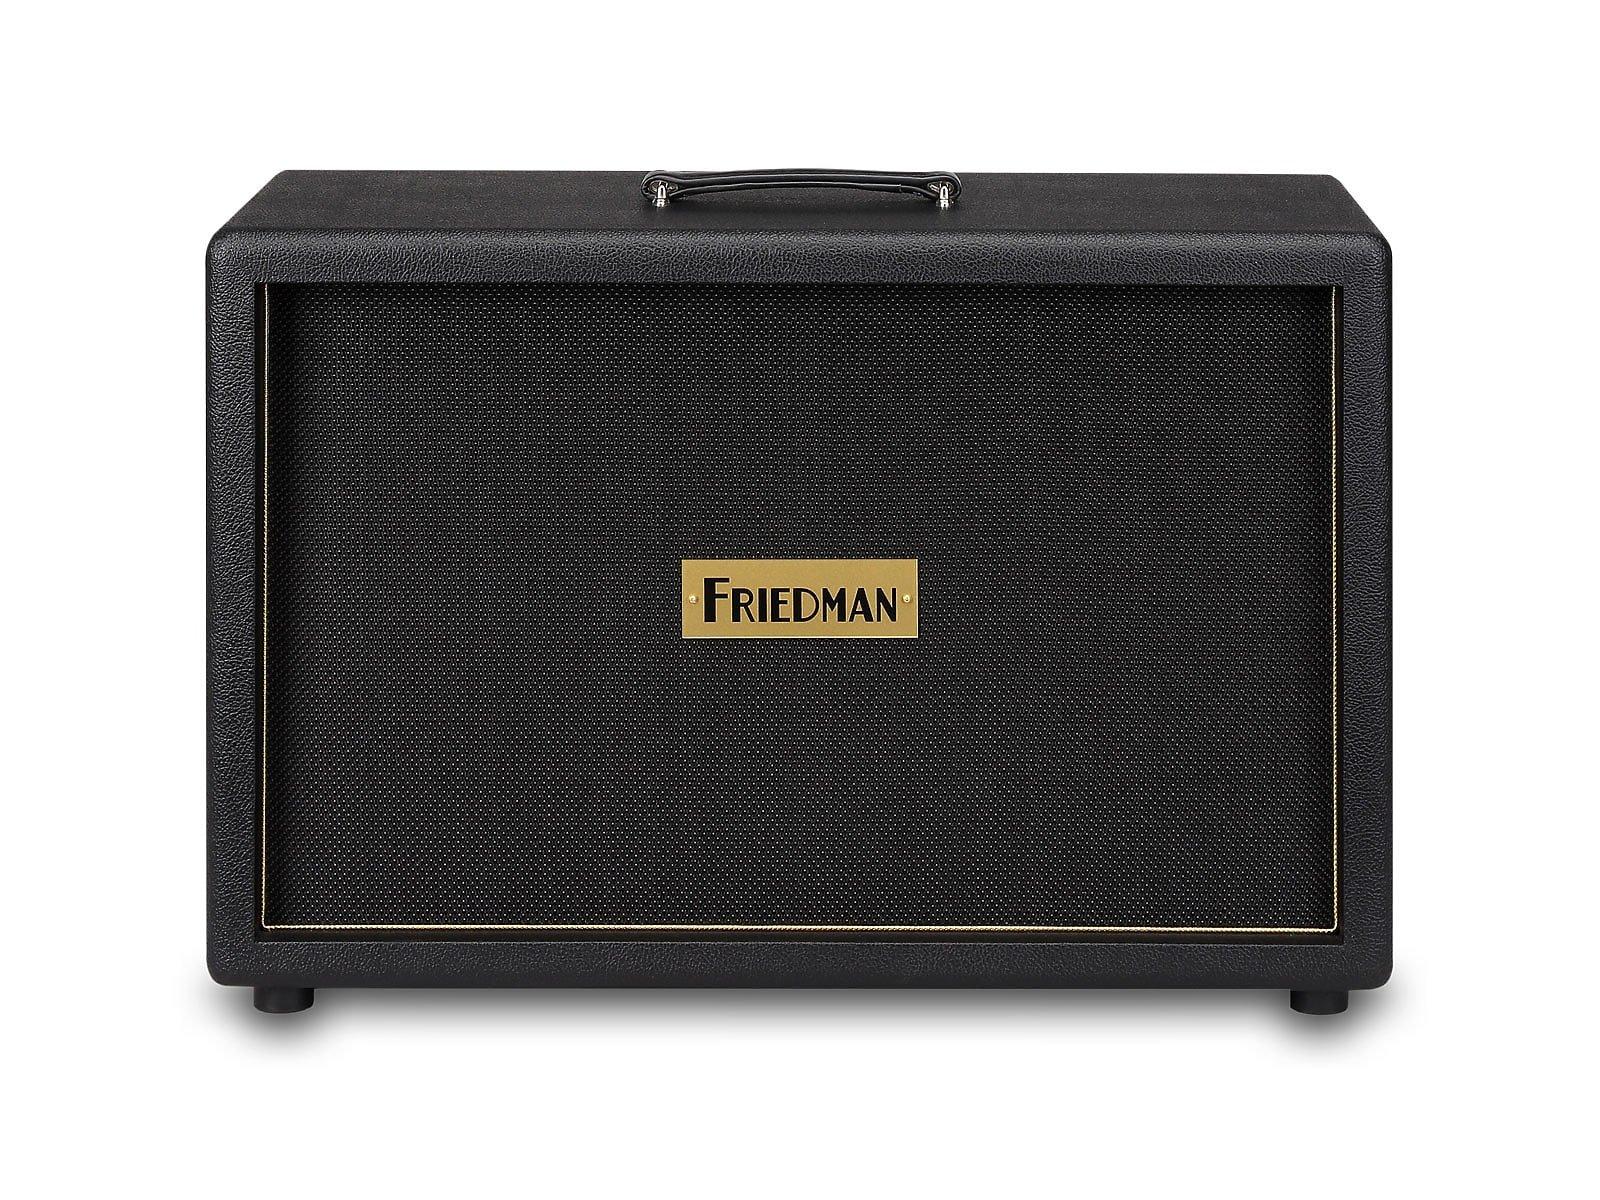 Friedman 212 BE Ext